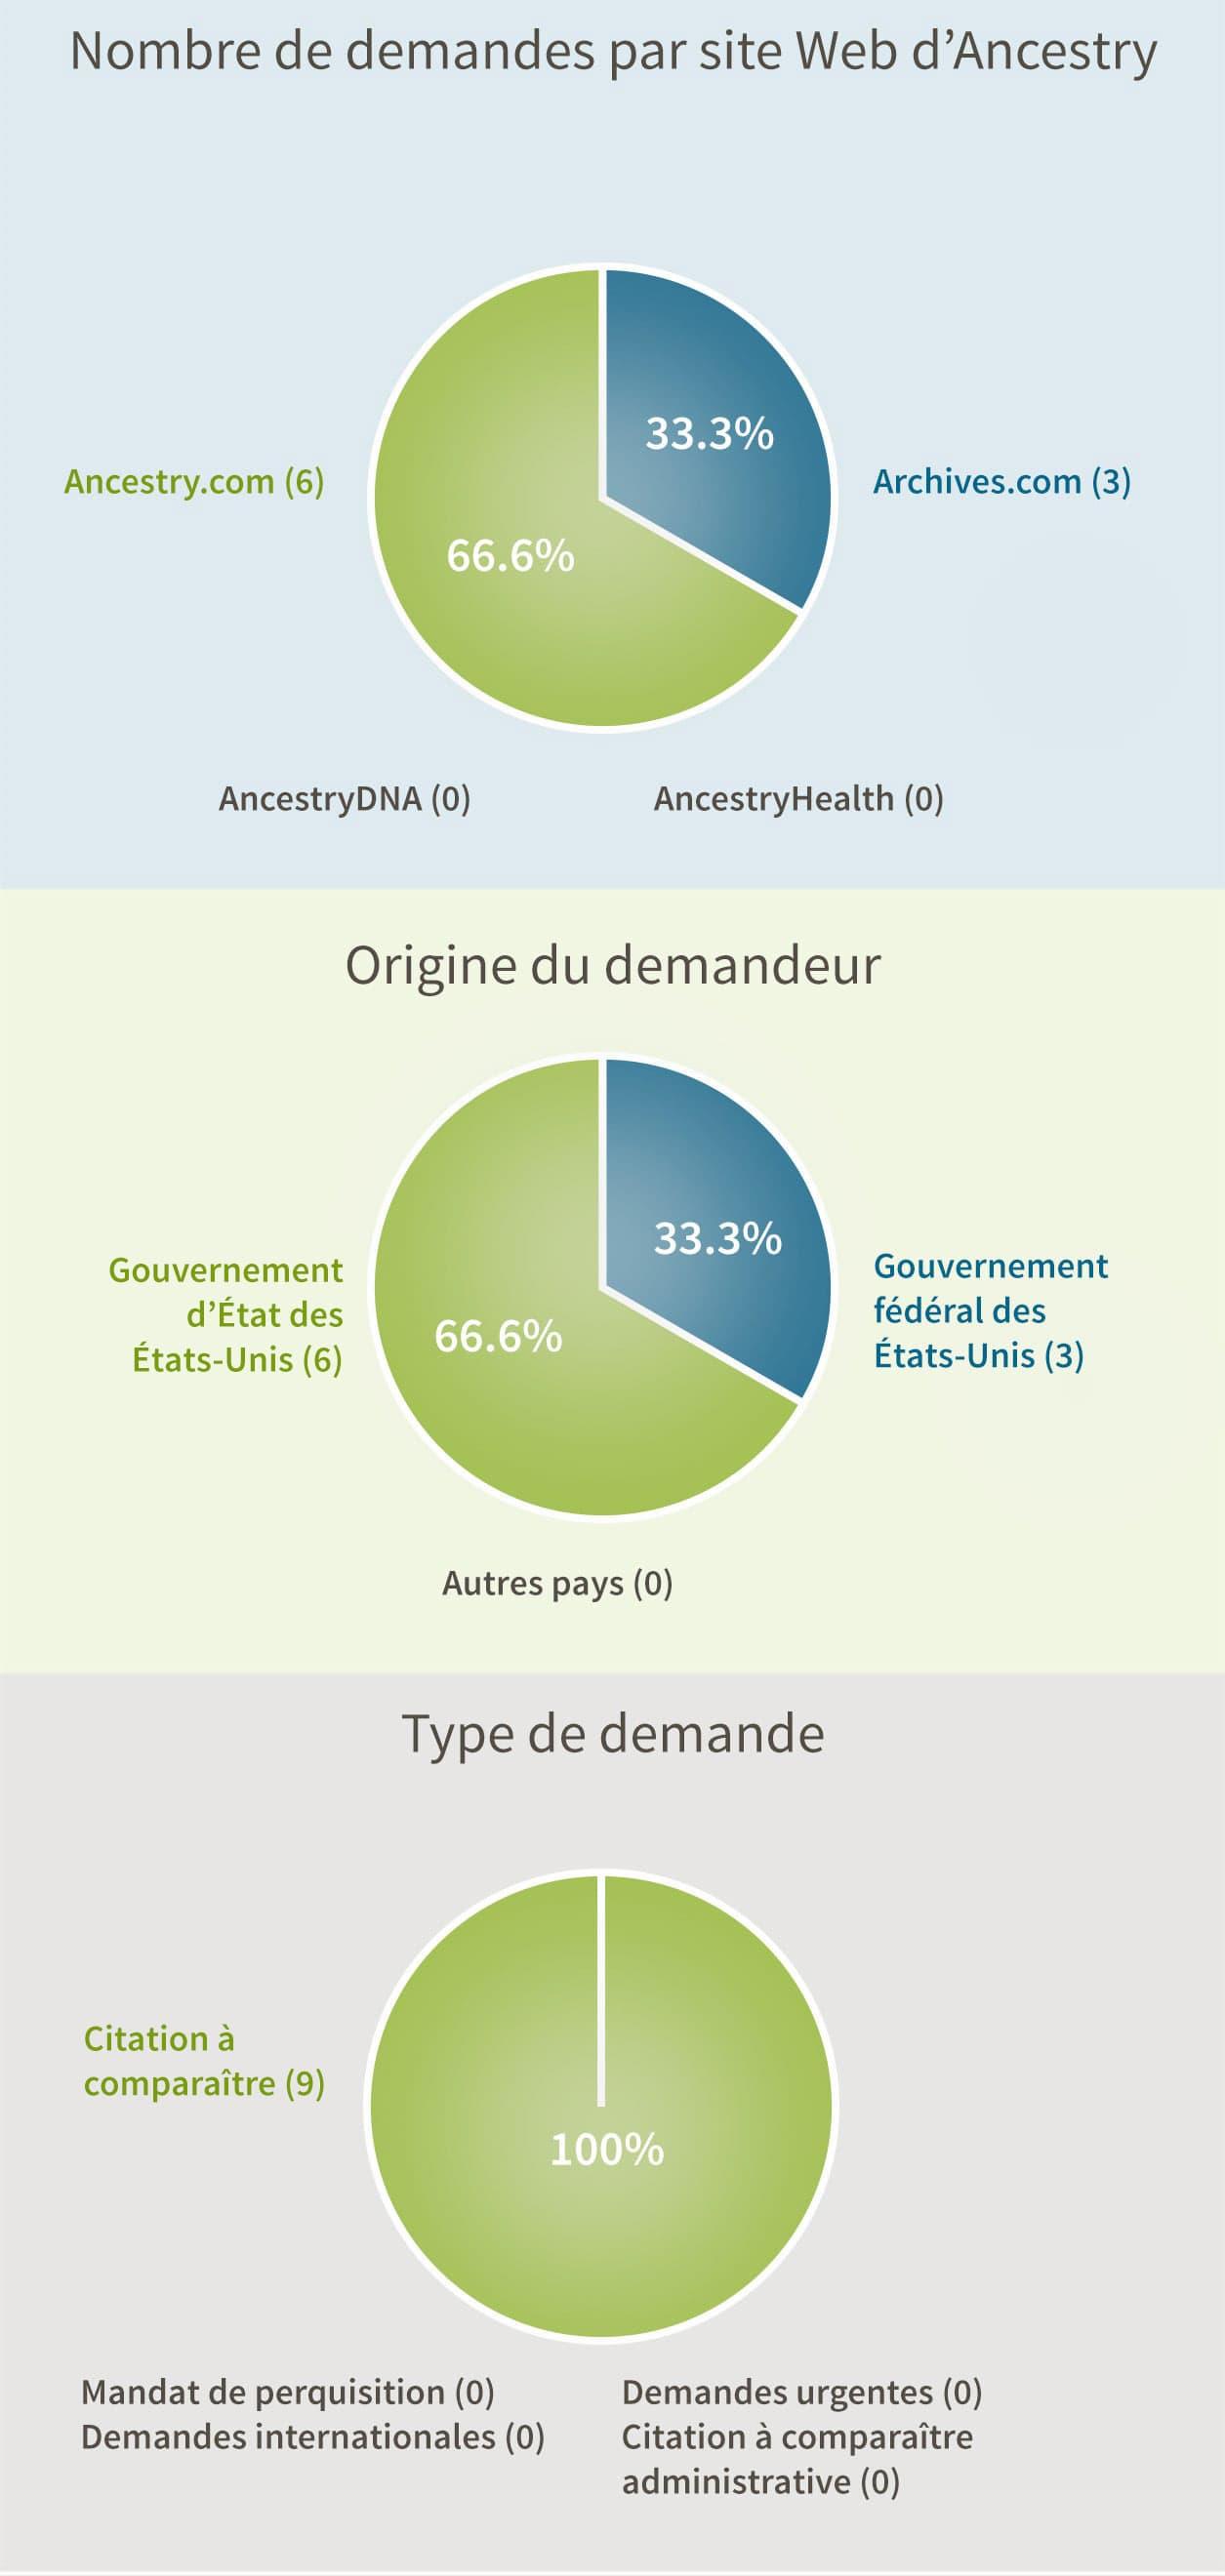 Nombre de demandes par site Web d'Ancestry: Ancestry.com et Archives.com (0), Archives.com (3), Ancestry.com (6), AncestryDNA (0), AncestryHealth (0). Origine du demandeur: Gouvernement fédéral des États-Unis (3), Gouvernement d'État des États-Unis (6), Autres pays (0). Type de demande: Citation à comparaître administrative (3), Citation à comparaître pénale (9), Mandat de perquisition (0), Demandes Internationales (0), Demandes urgentes (0).